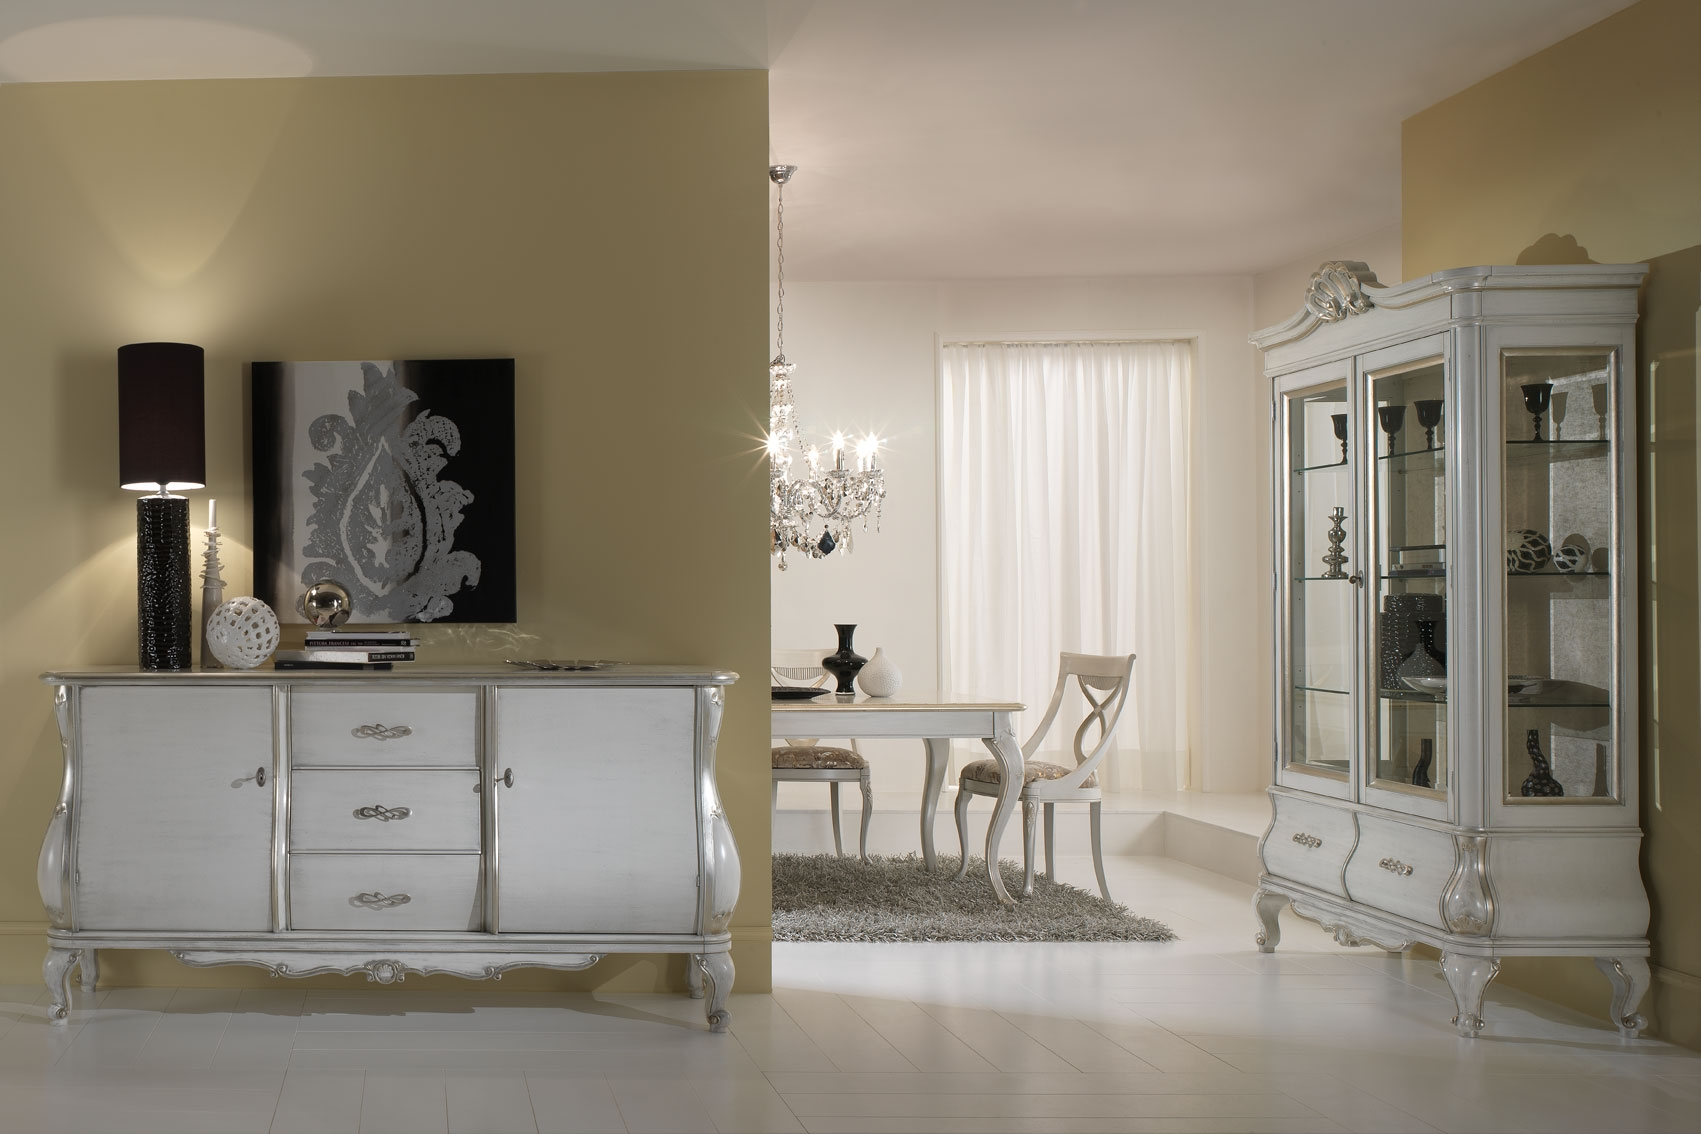 Mobili delle antiche sale da pranzo romane mobilia la tua casa - Sale da pranzo moderne ...